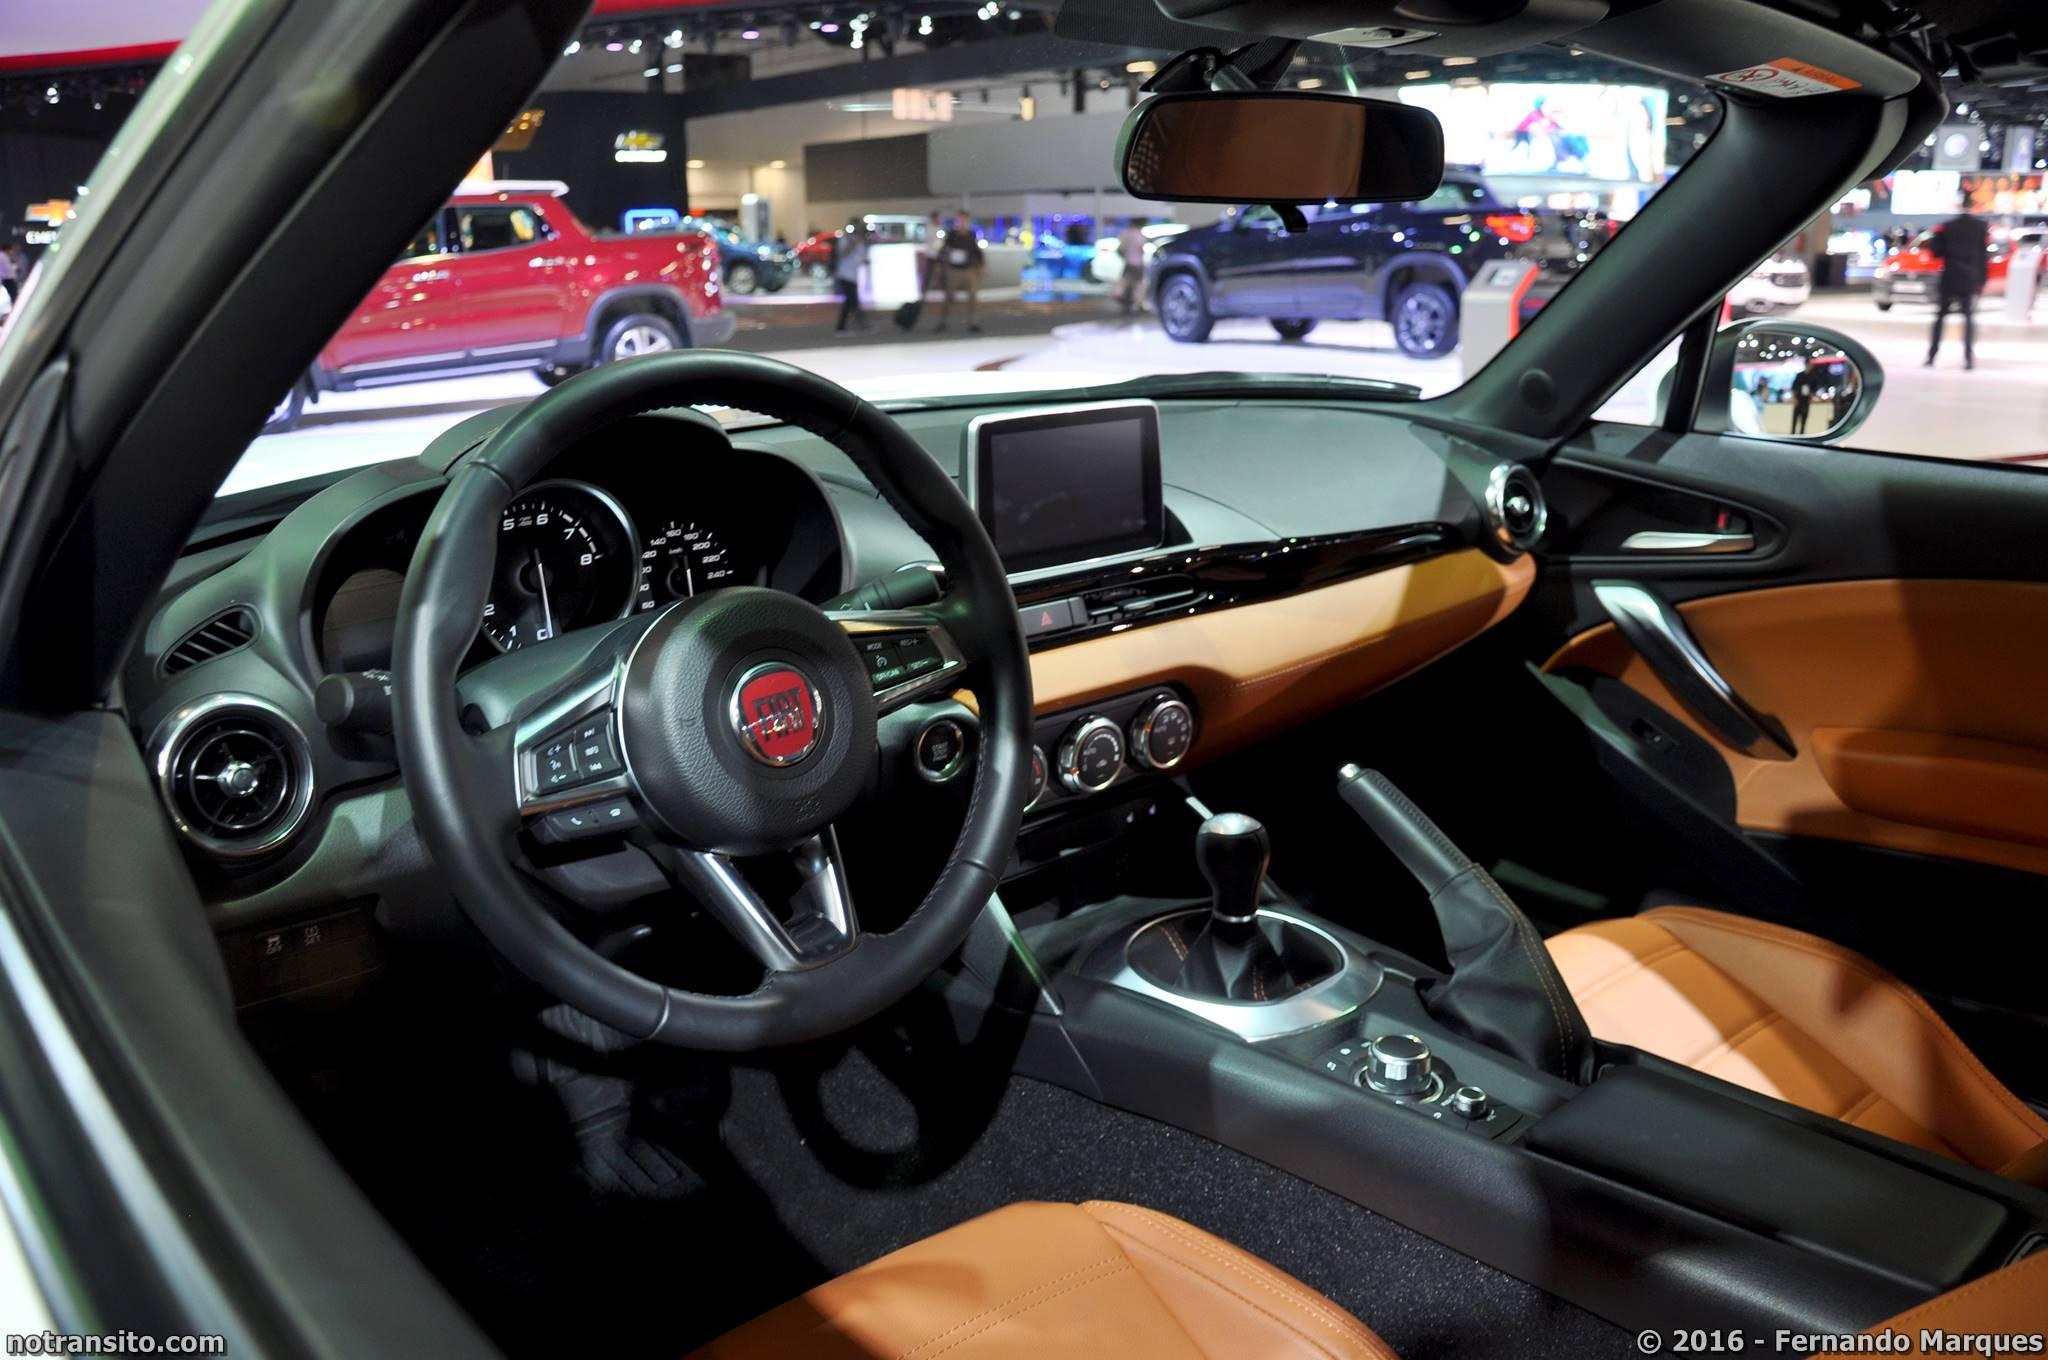 Fiat 124 Spider Lusso, Salão do Automóvel 2016, 29º Salão do Automóvel de São Paulo